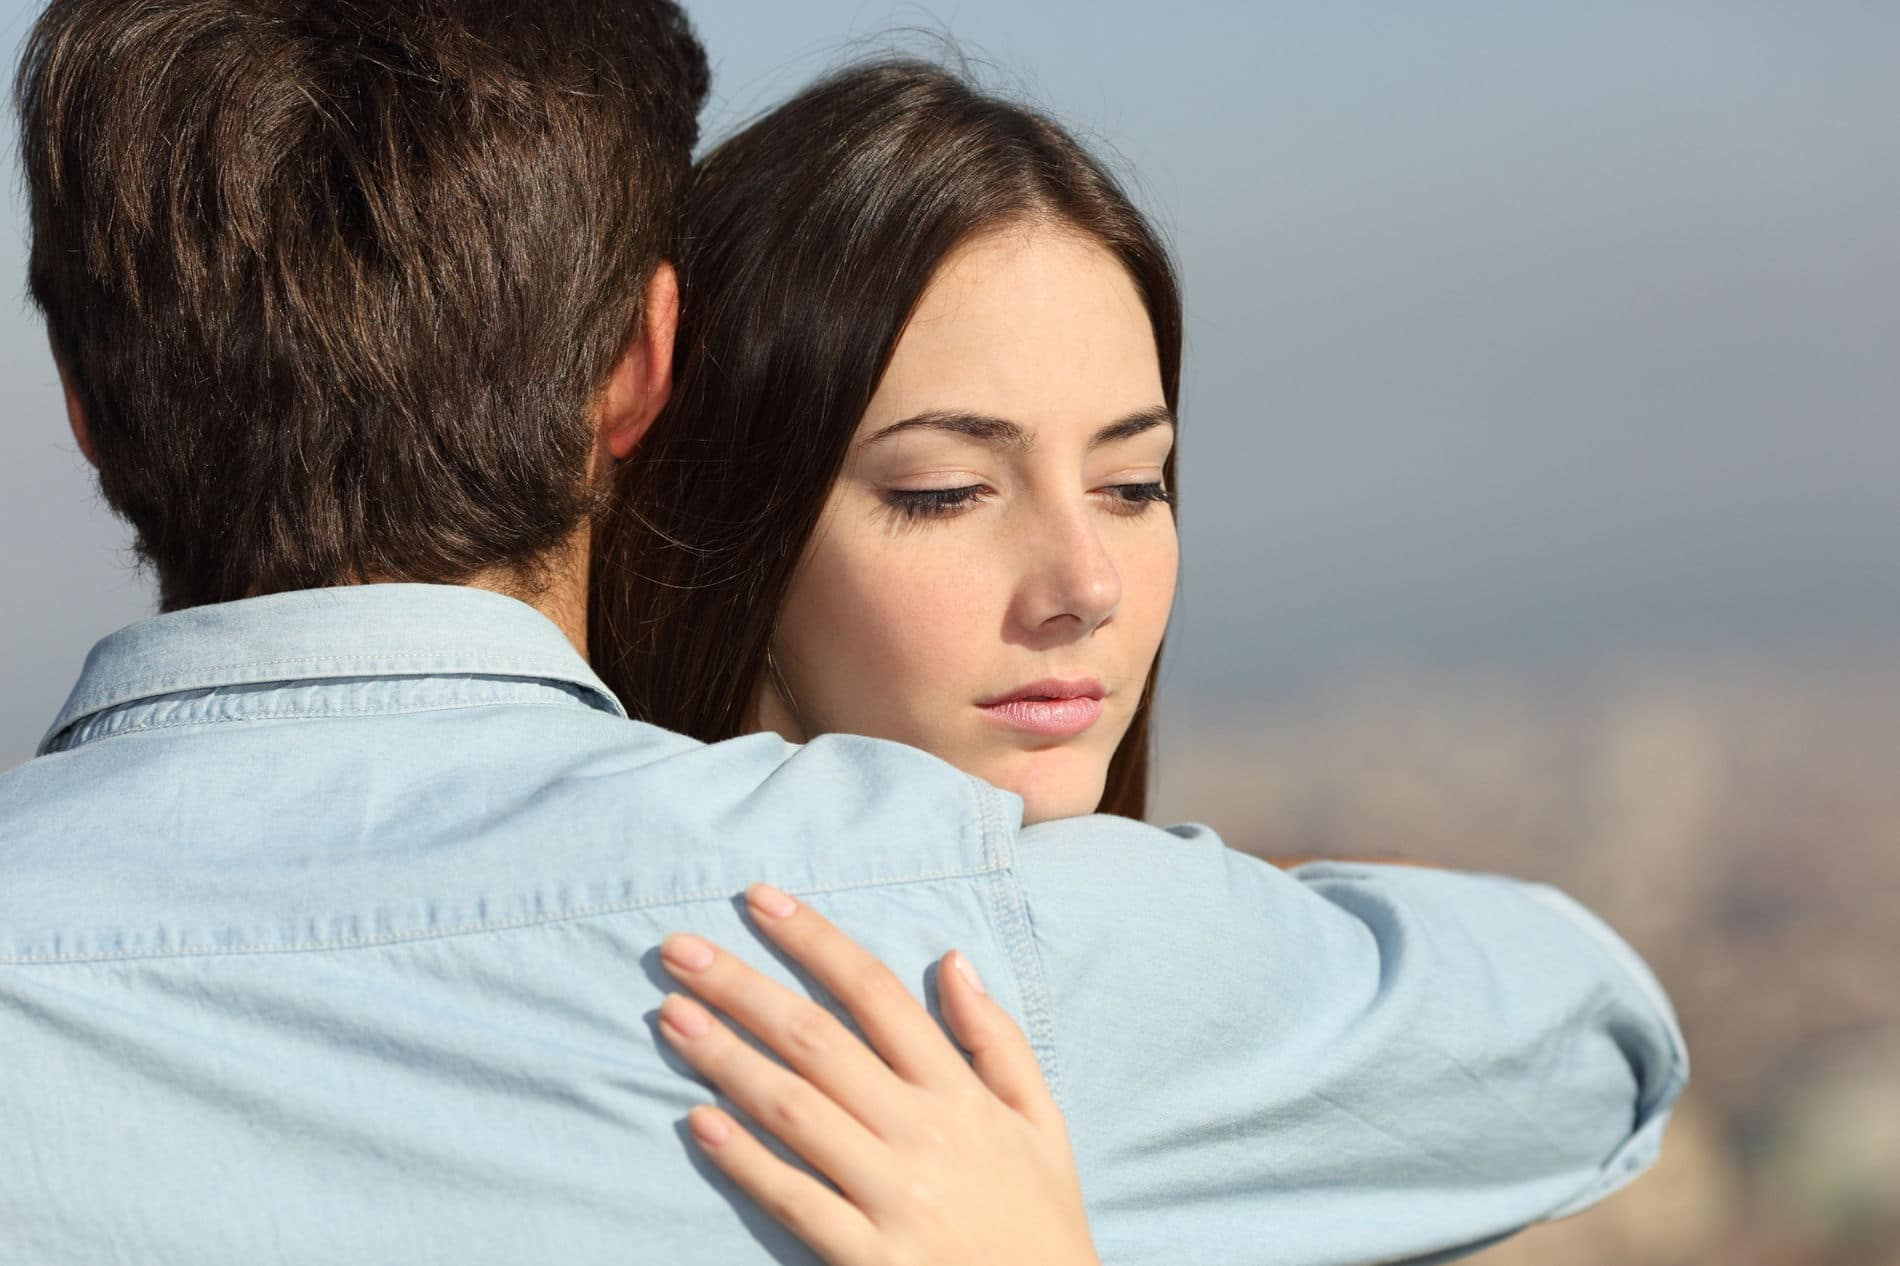 Уход в новые романтические отношения